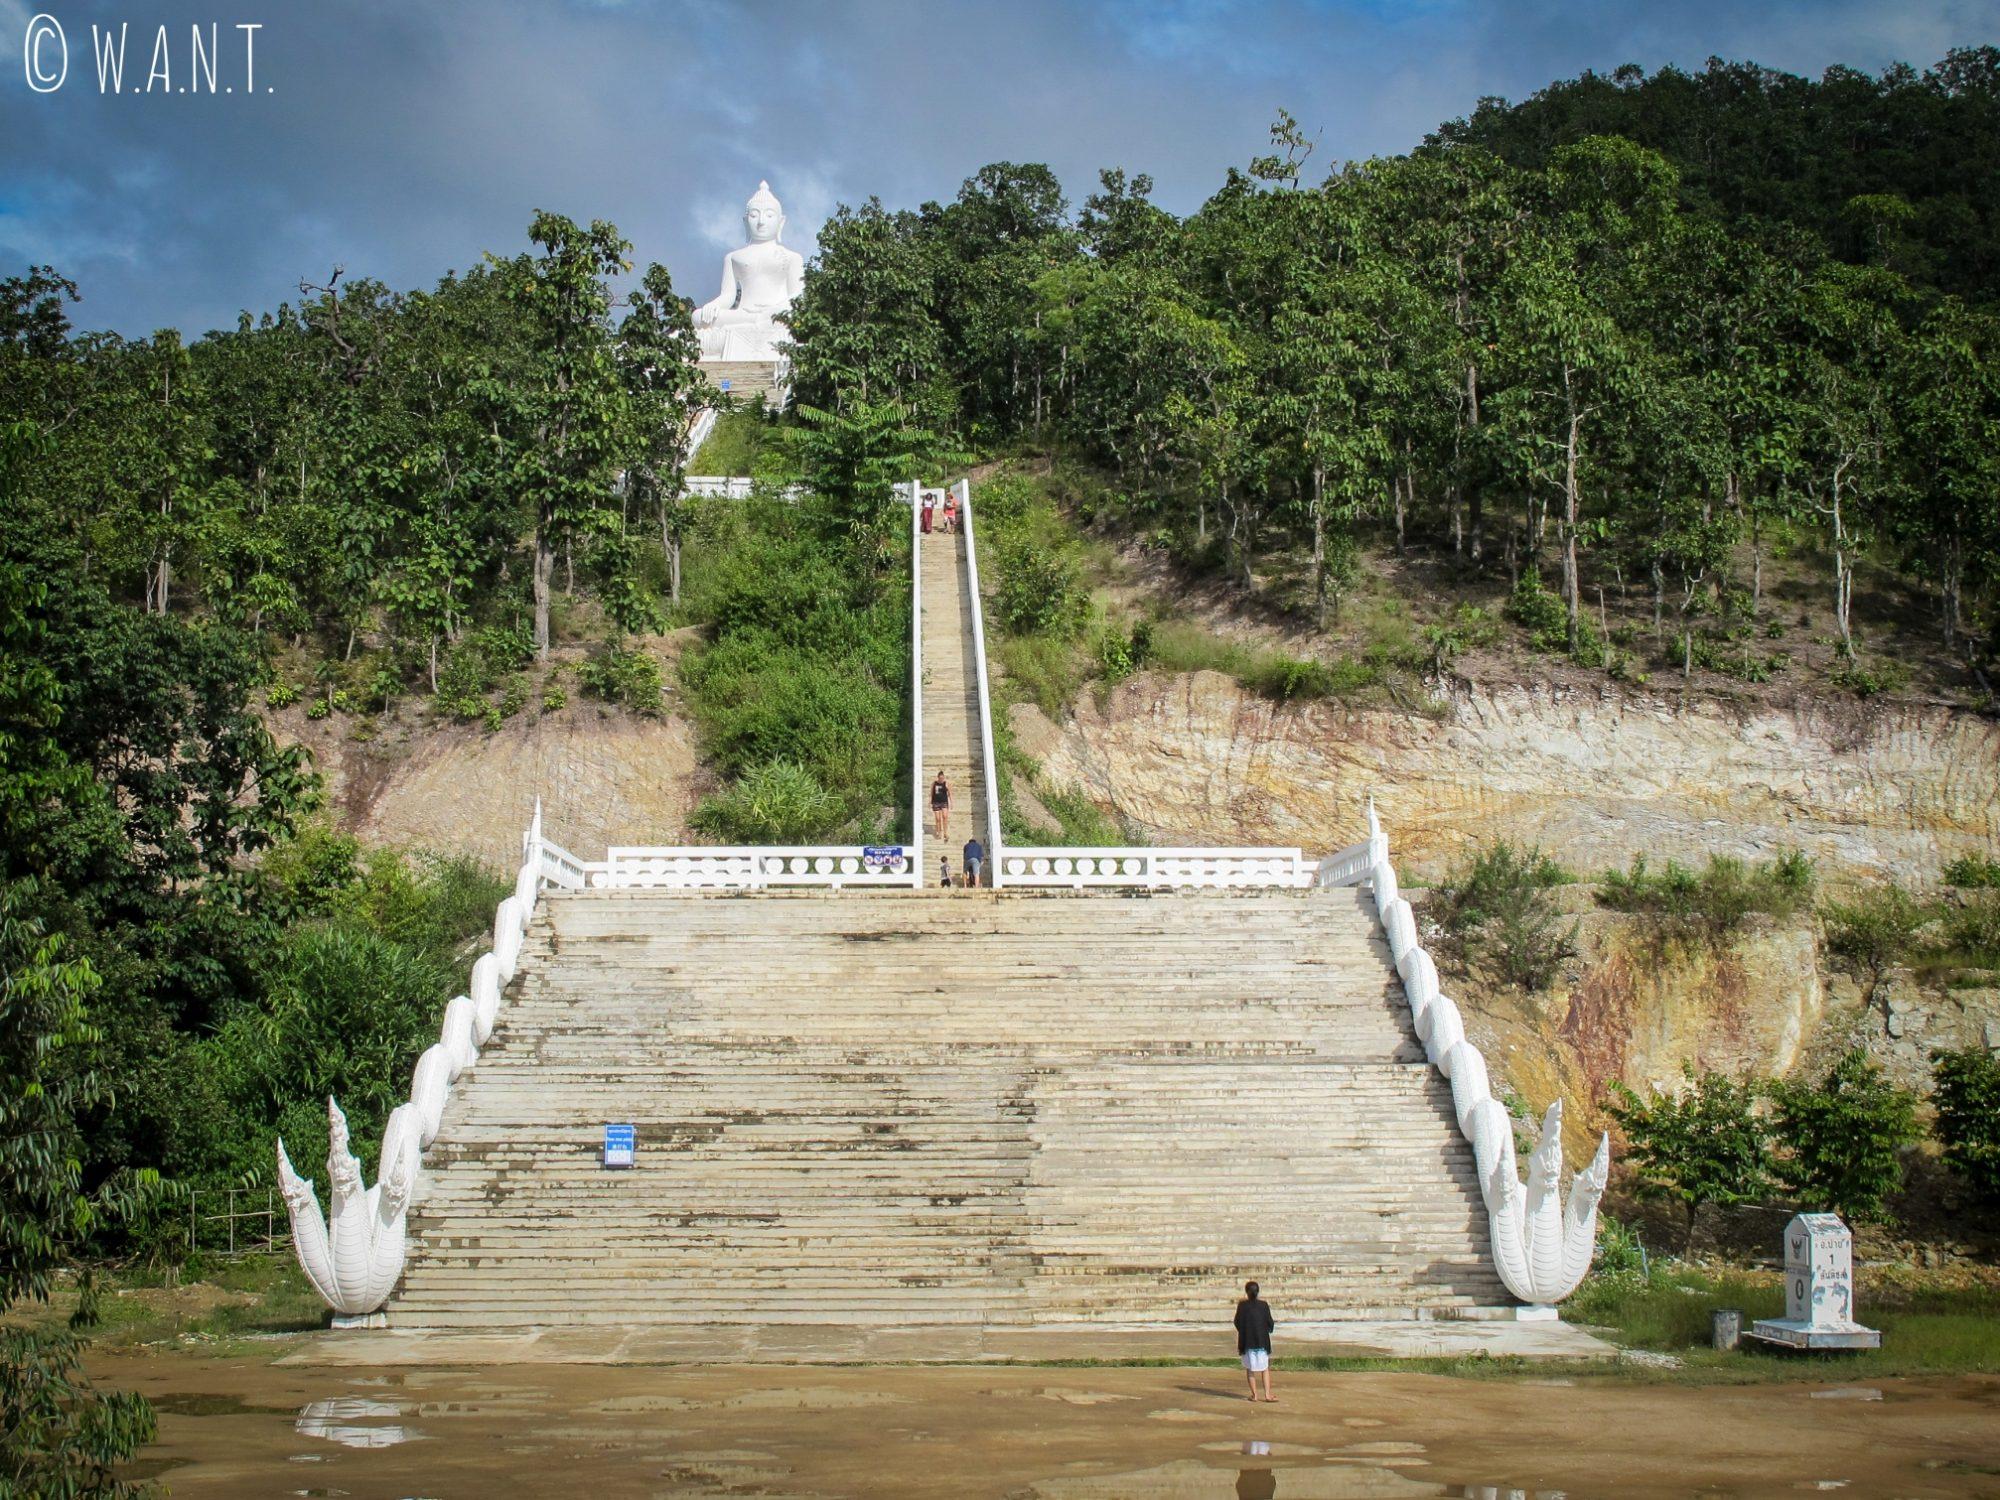 Escaliers permettant d'accéder au Bouddha blanc du Wat Phra That Mae Yen qui domine la ville de Pai